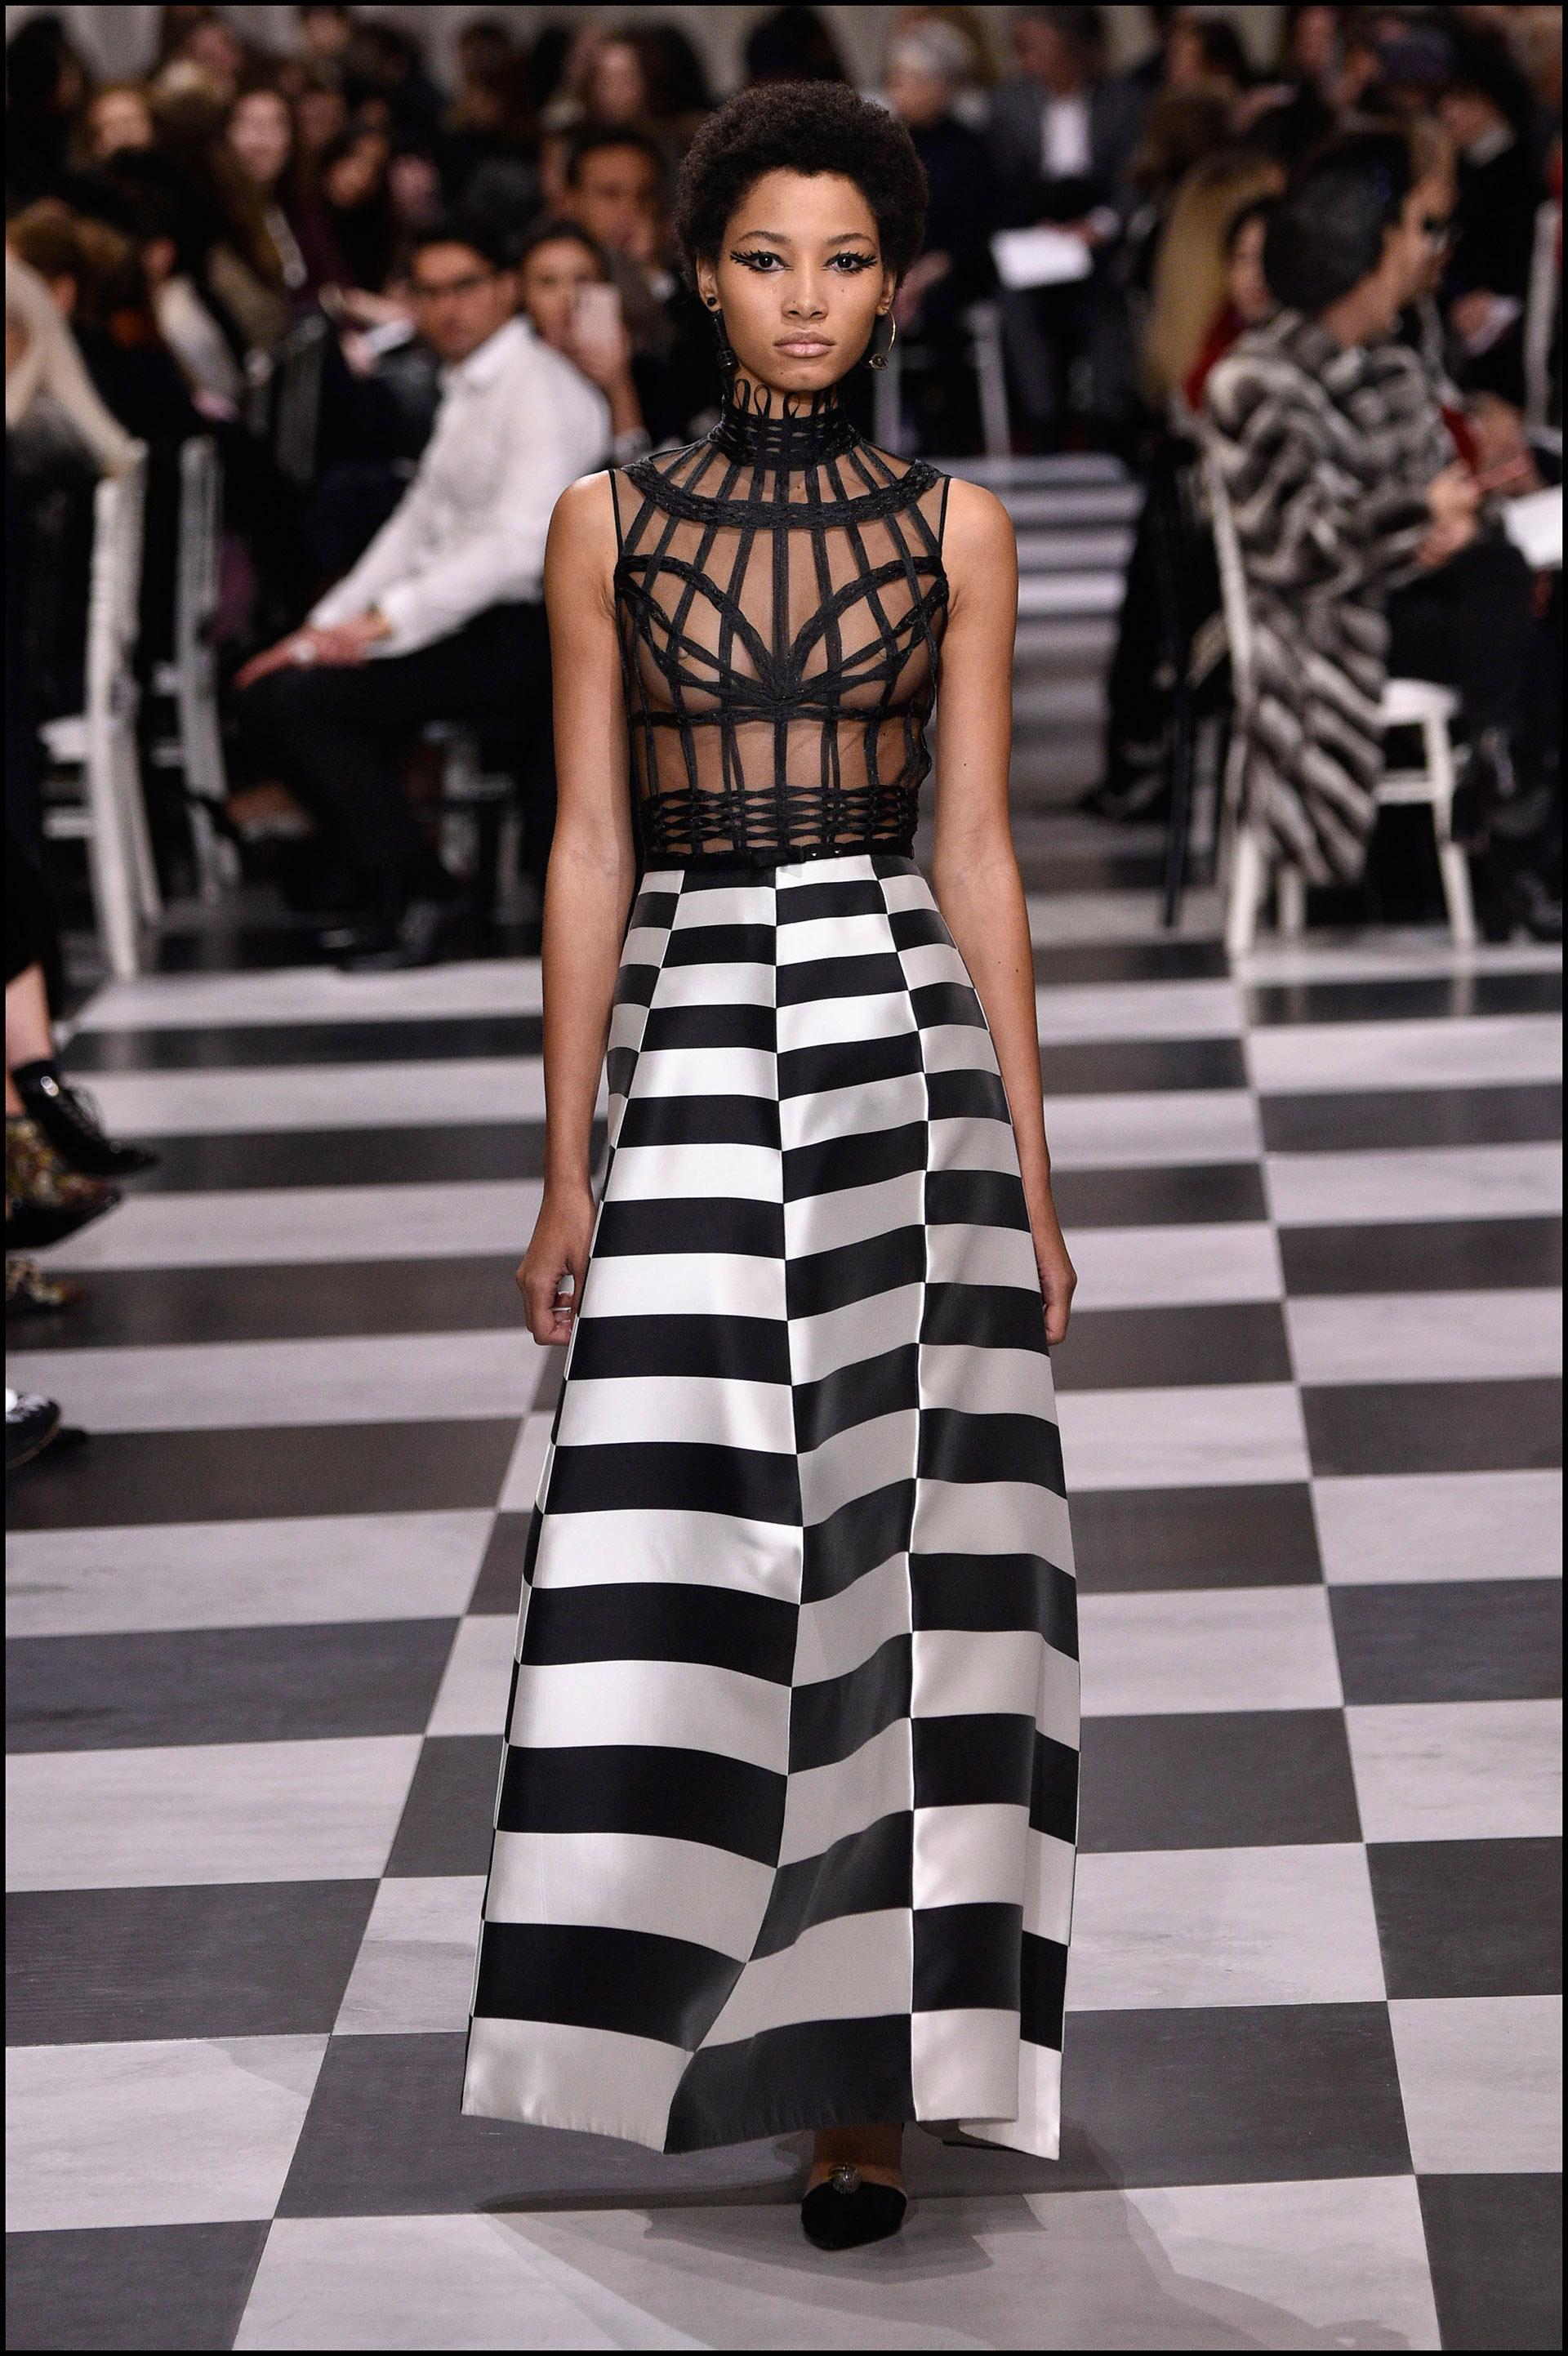 La colección de Dior fue arquitectónica y moderna, y se inspiró en Leonor Fini, artista surrealista argentina.